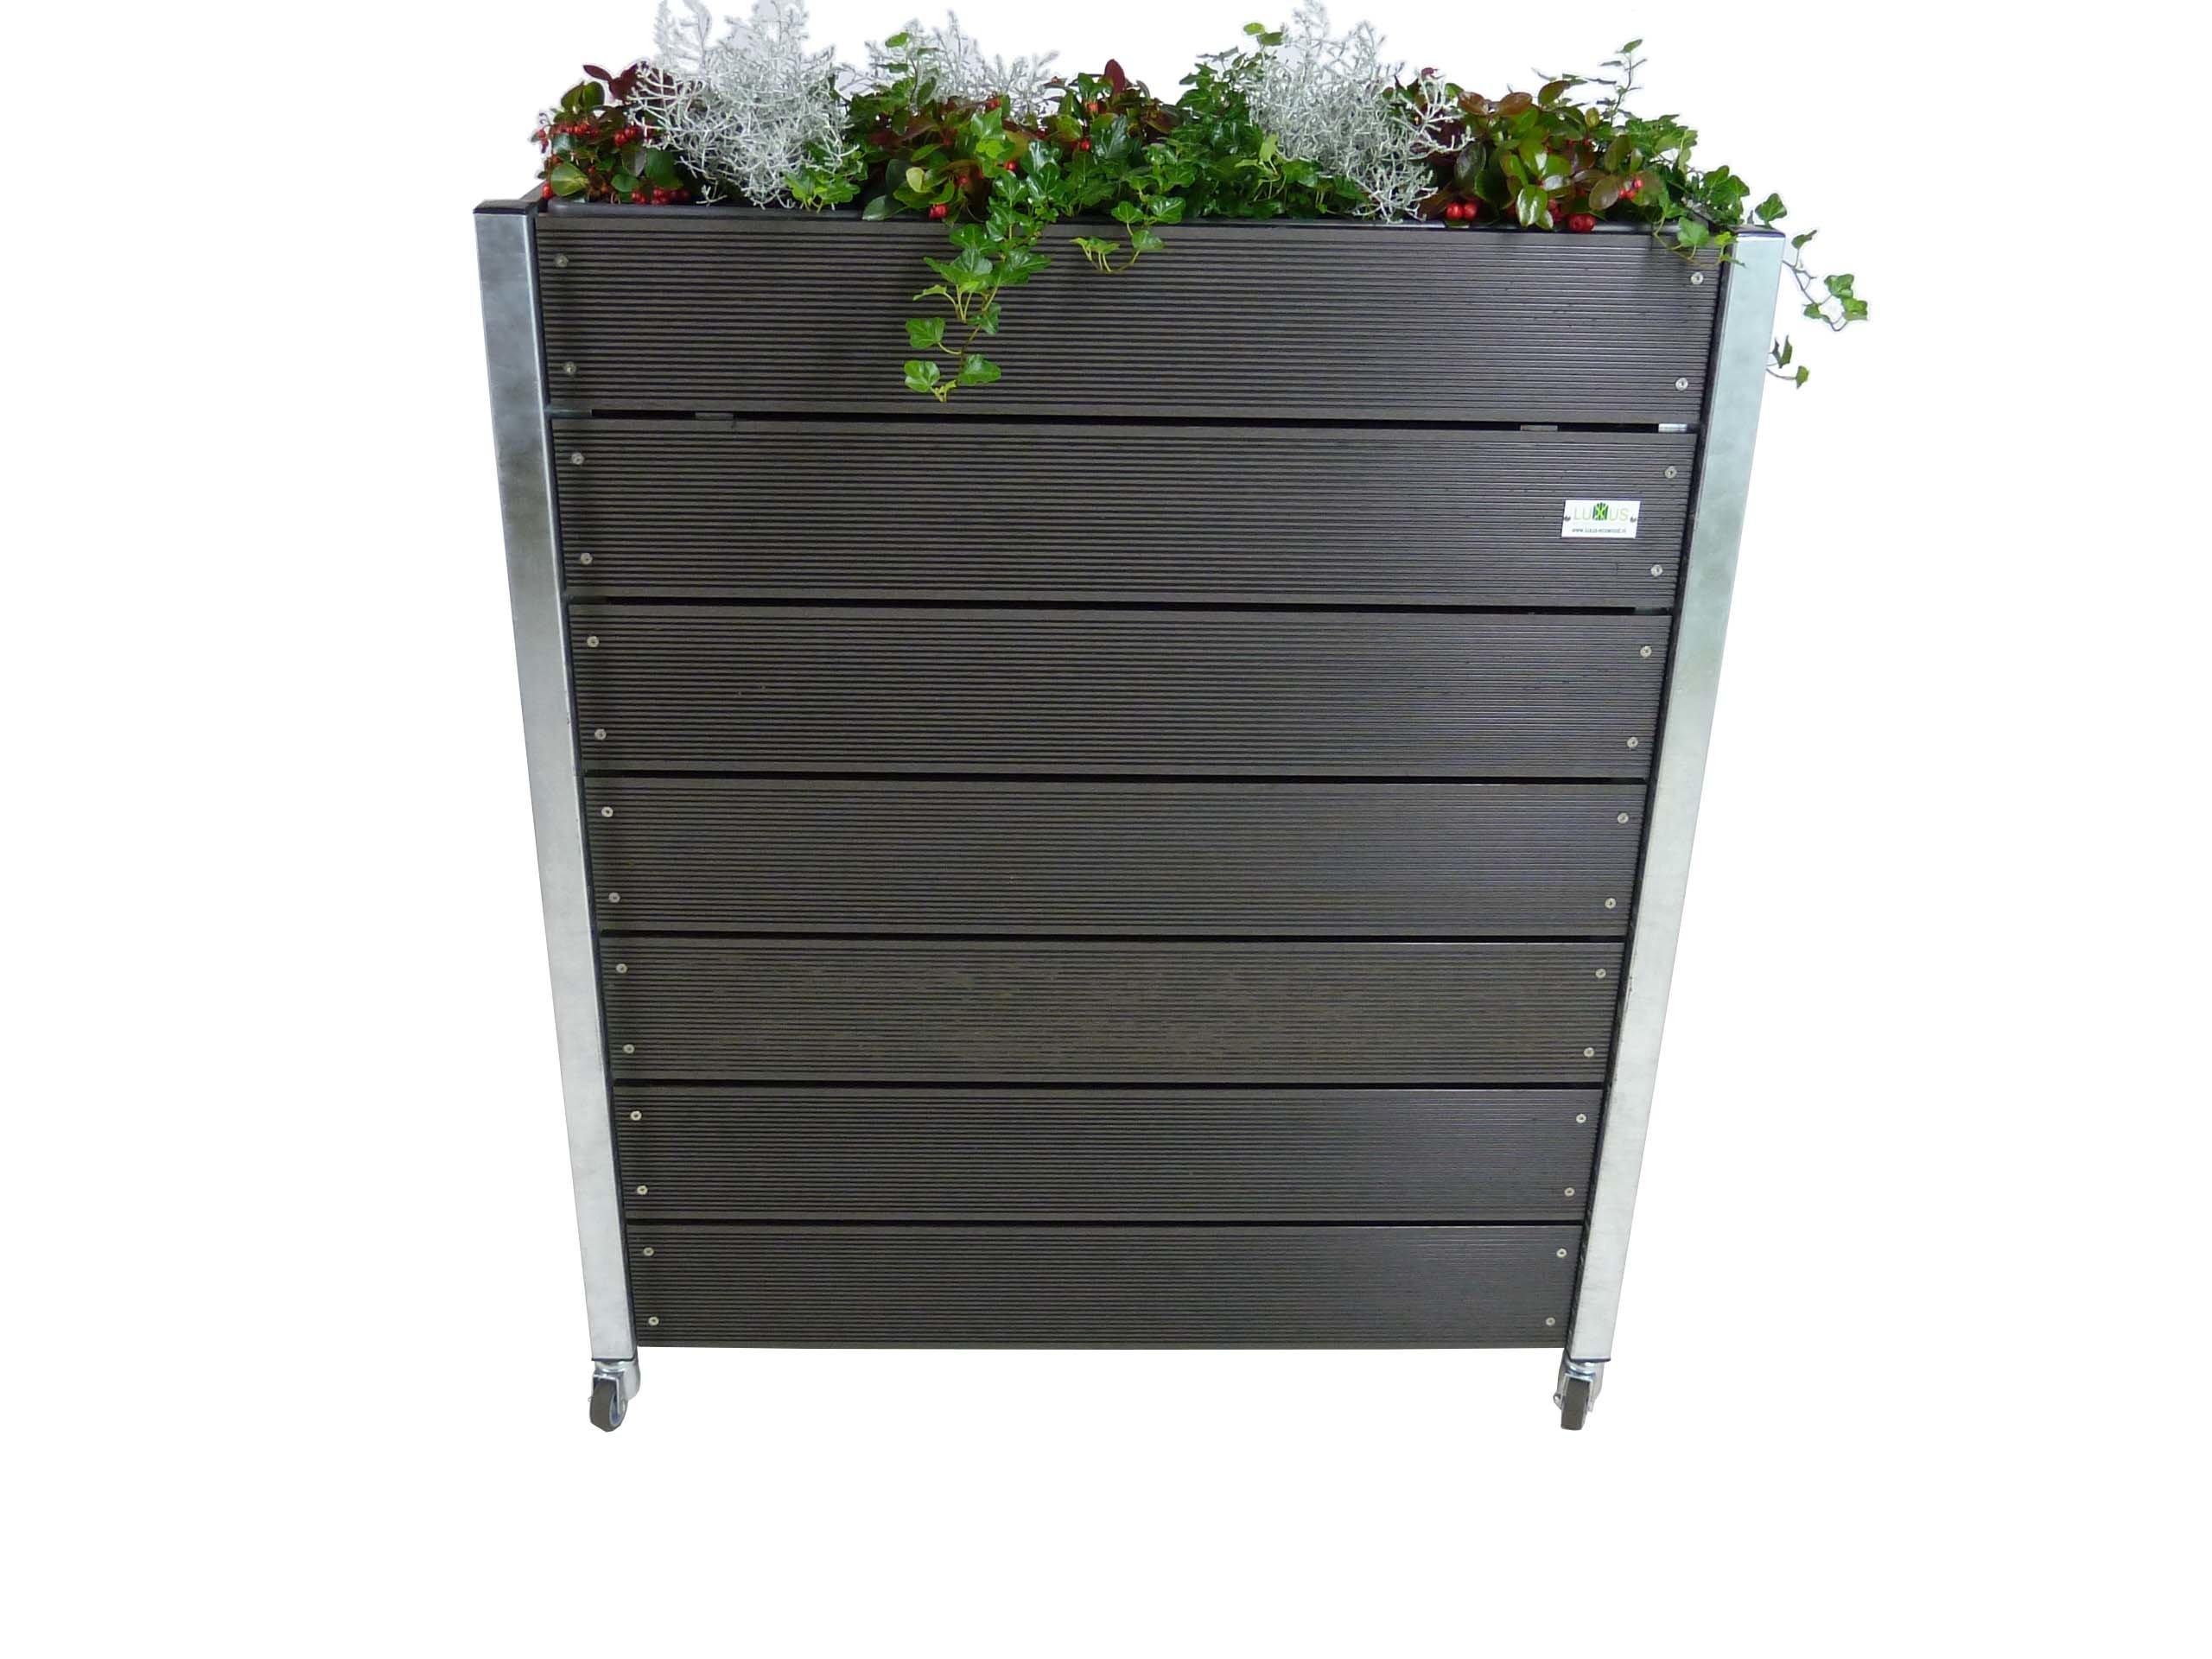 Nieuw Handige verrijdbare plantenbak voor terras of balkon VR-35